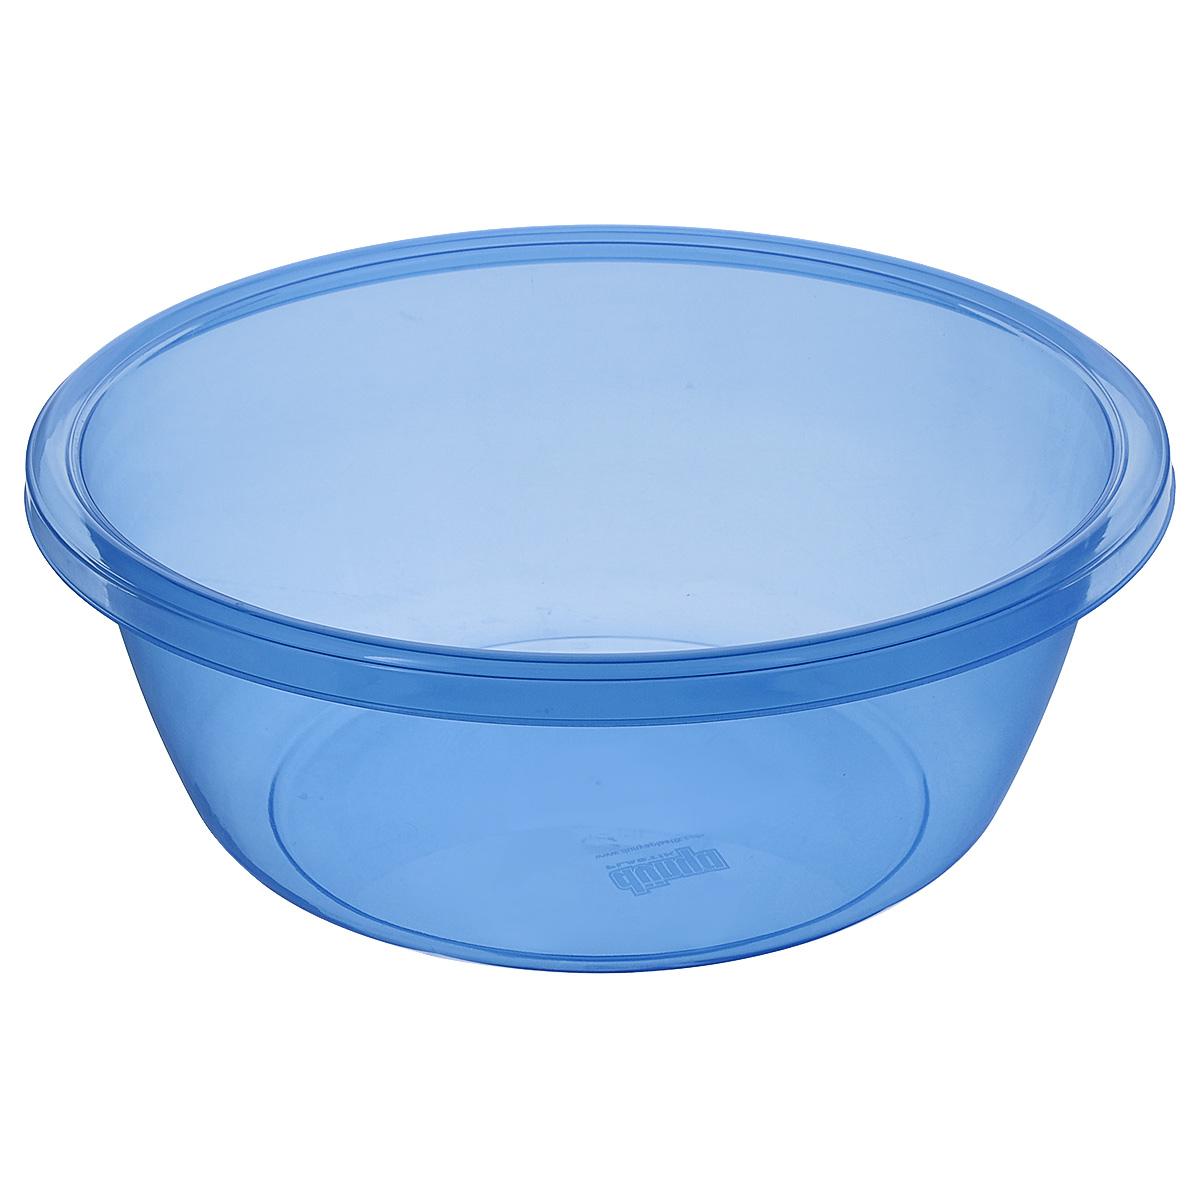 Таз Dunya Plastik, цвет: голубой, 7 л. 10335 контейнер dunya plastik цвет синий прозрачный 2 20 л